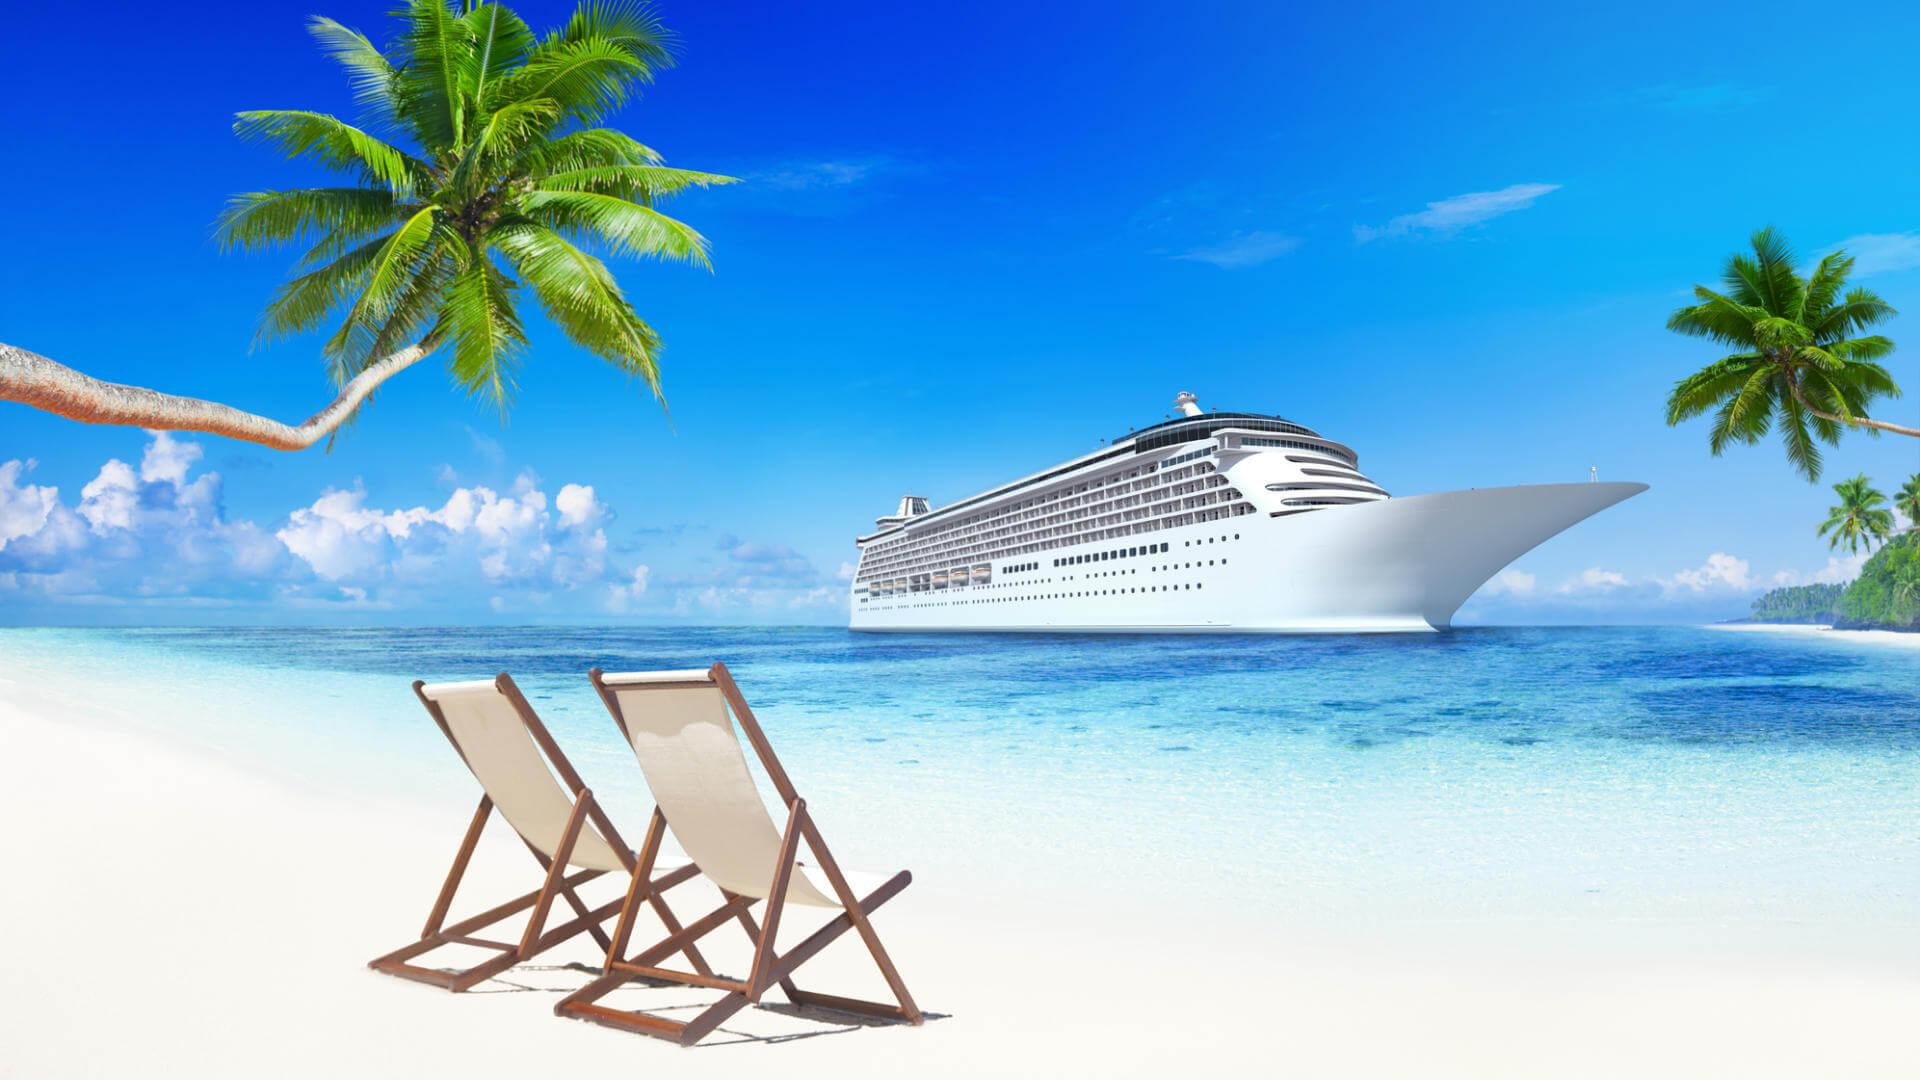 cruceros por el caribe y antillas barco